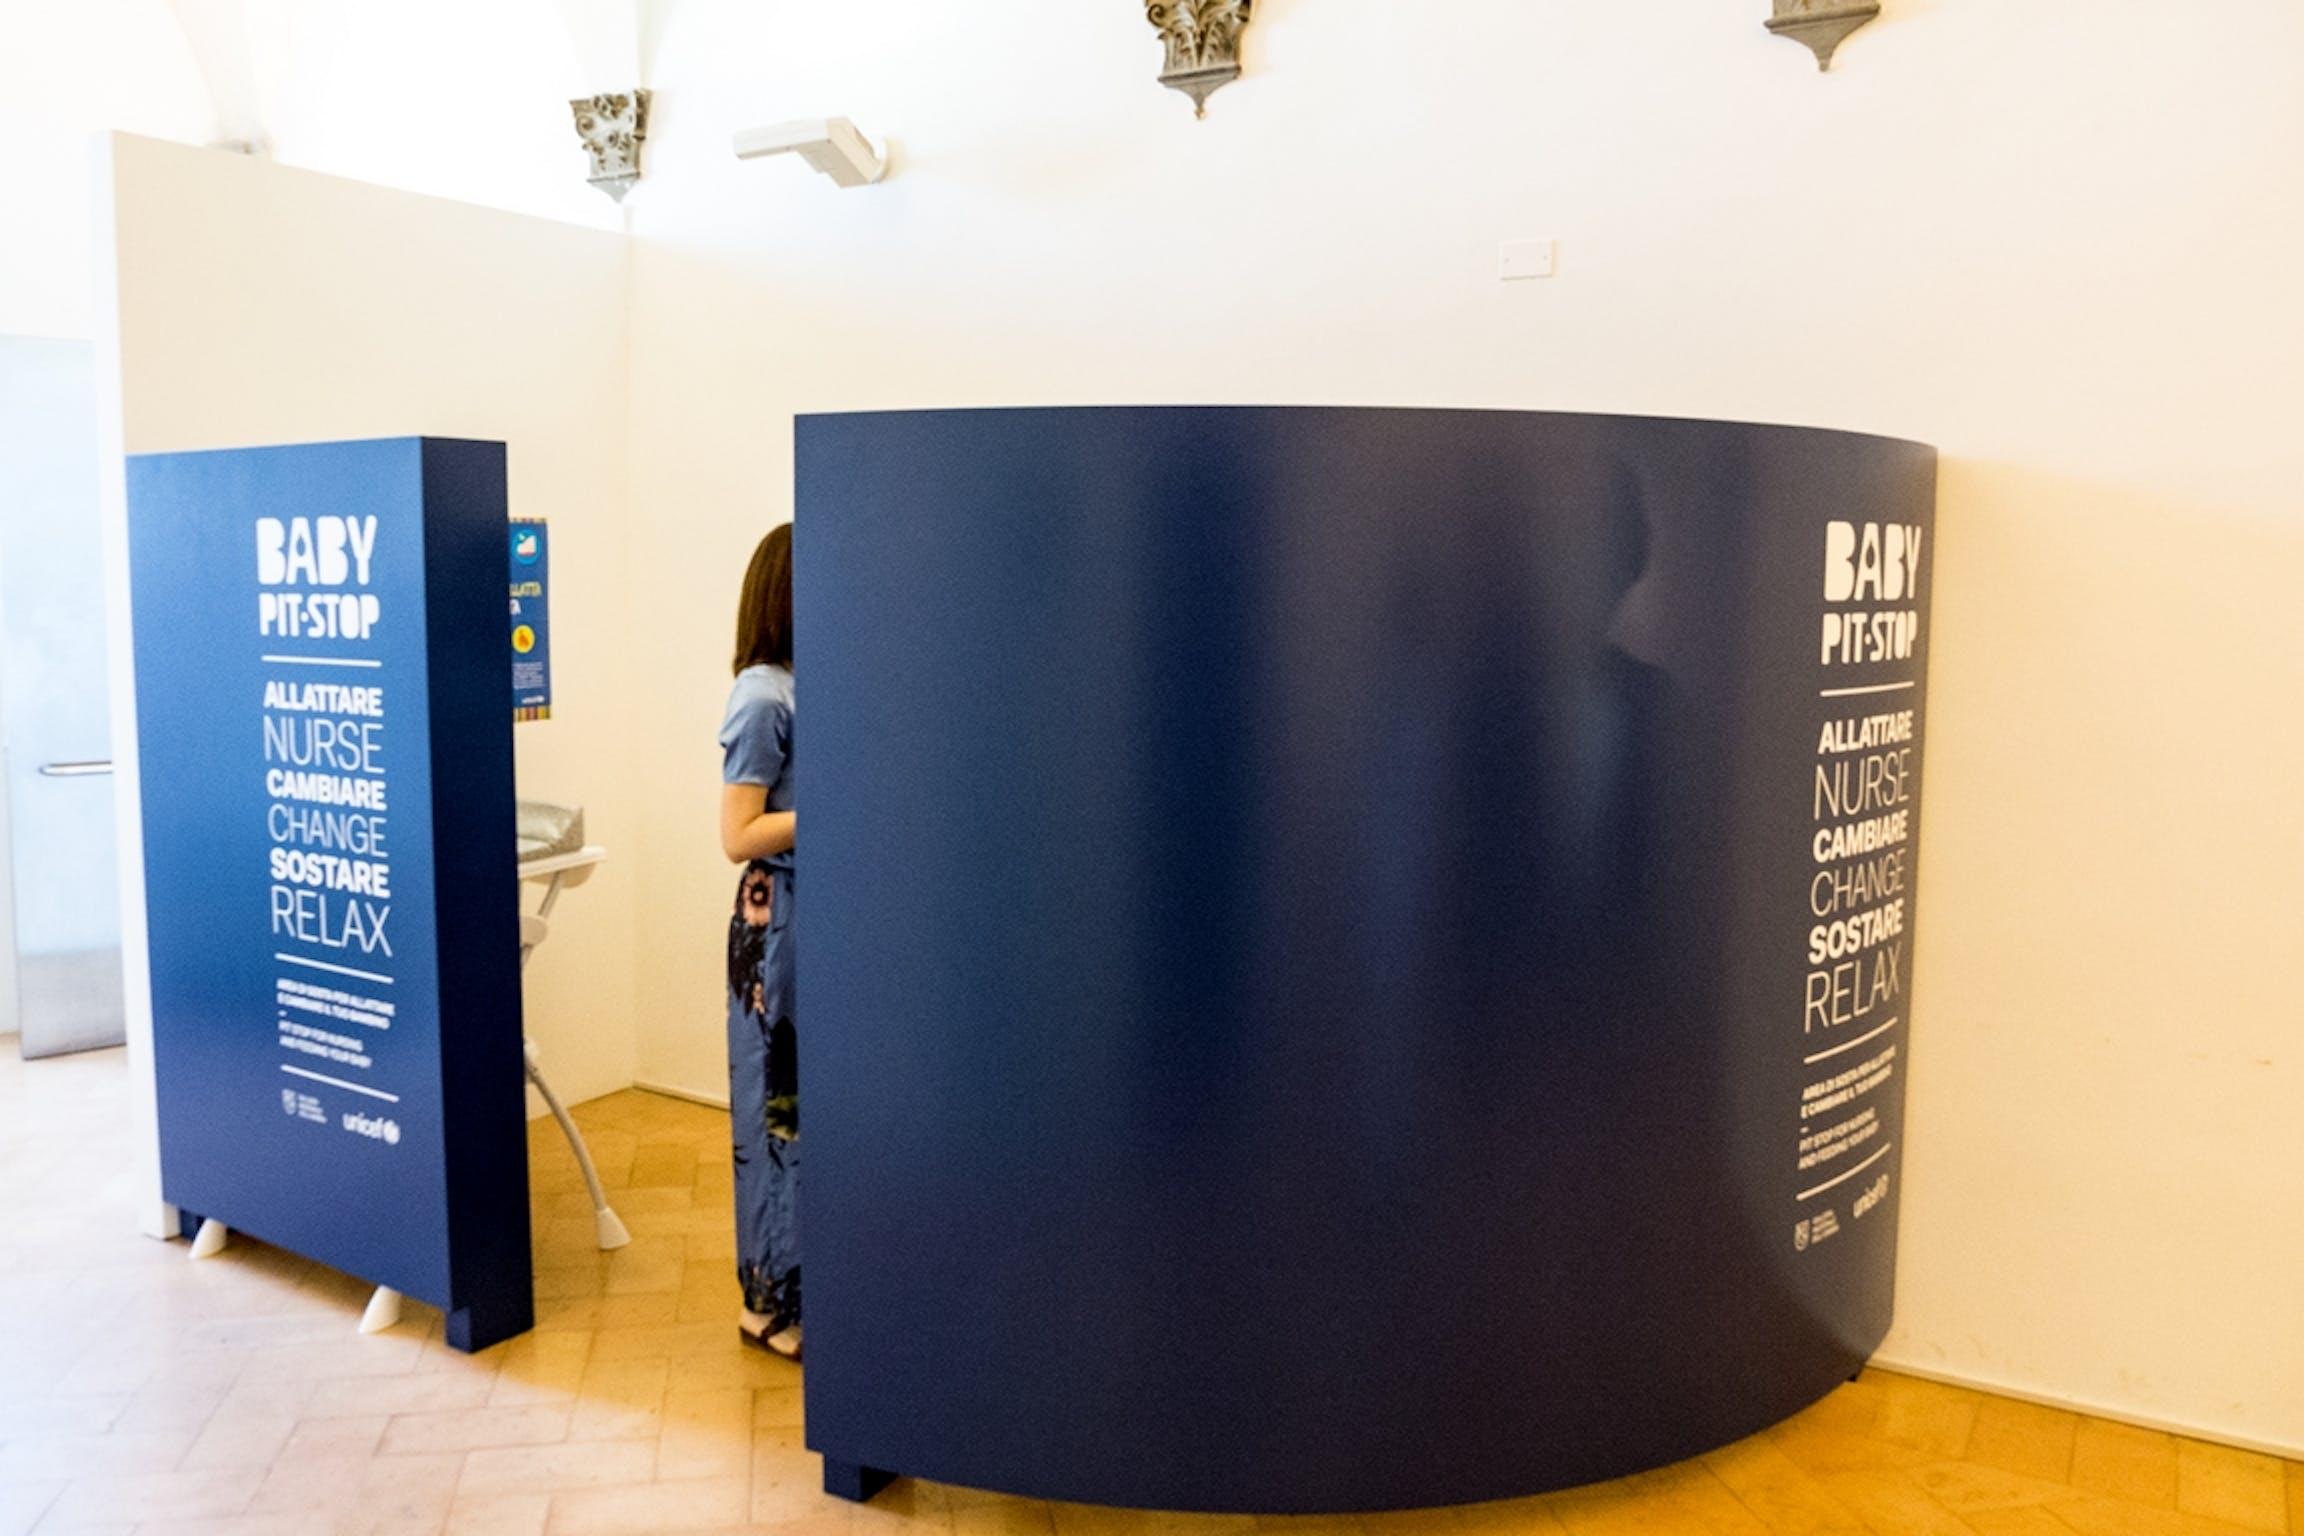 Inaugurazione del Baby Pit Stop alla Galleria nazionale dell'Umbria (Perugia)